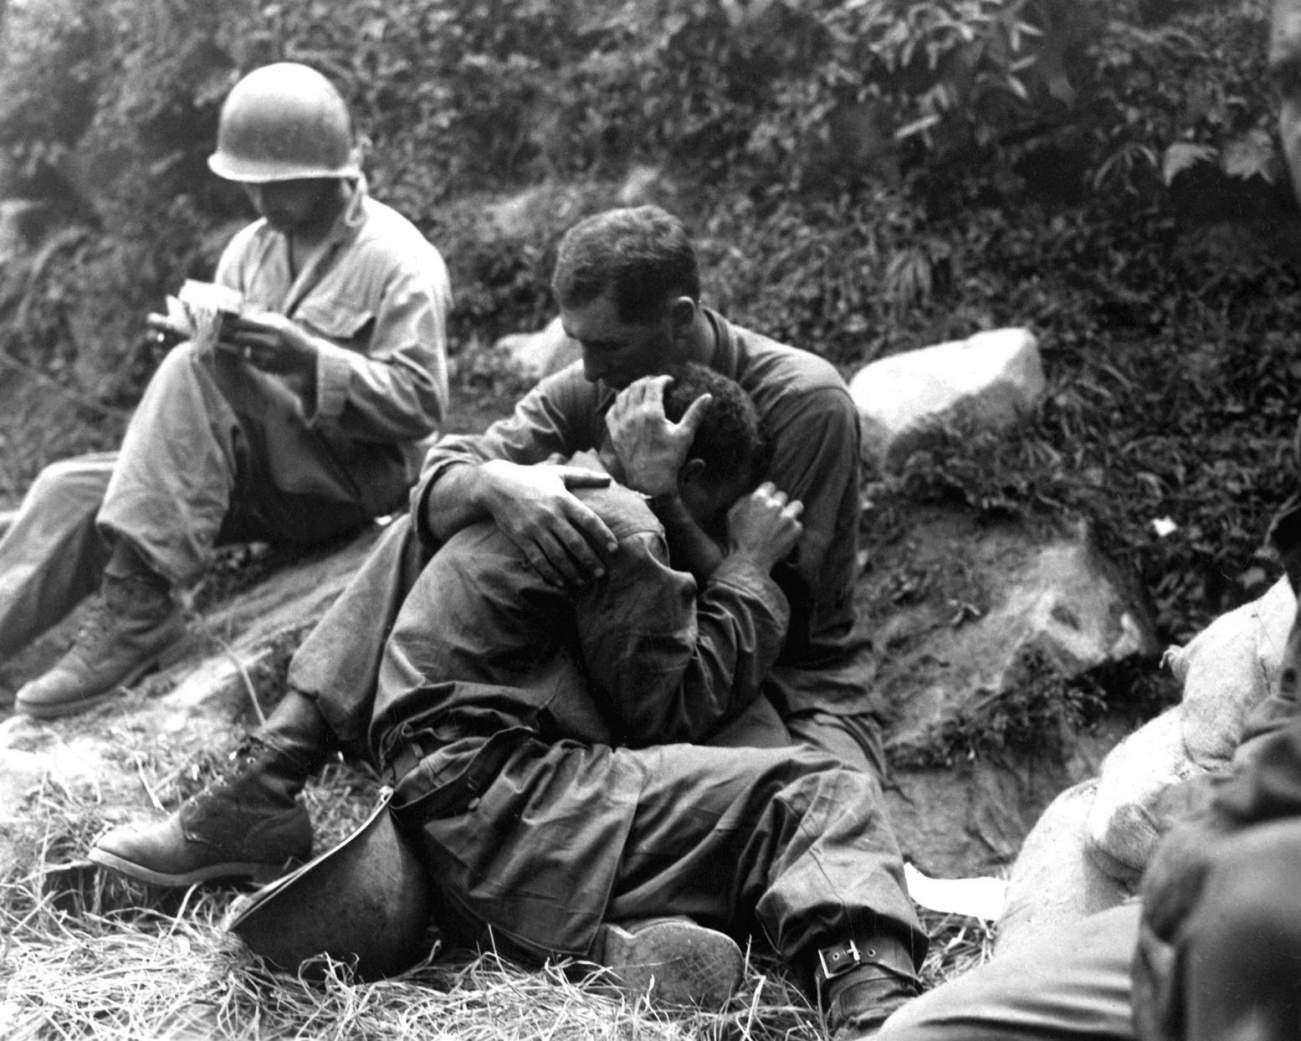 https://en.wikipedia.org/wiki/Korean_War#/media/File:KoreanWarFallenSoldier1.jpg